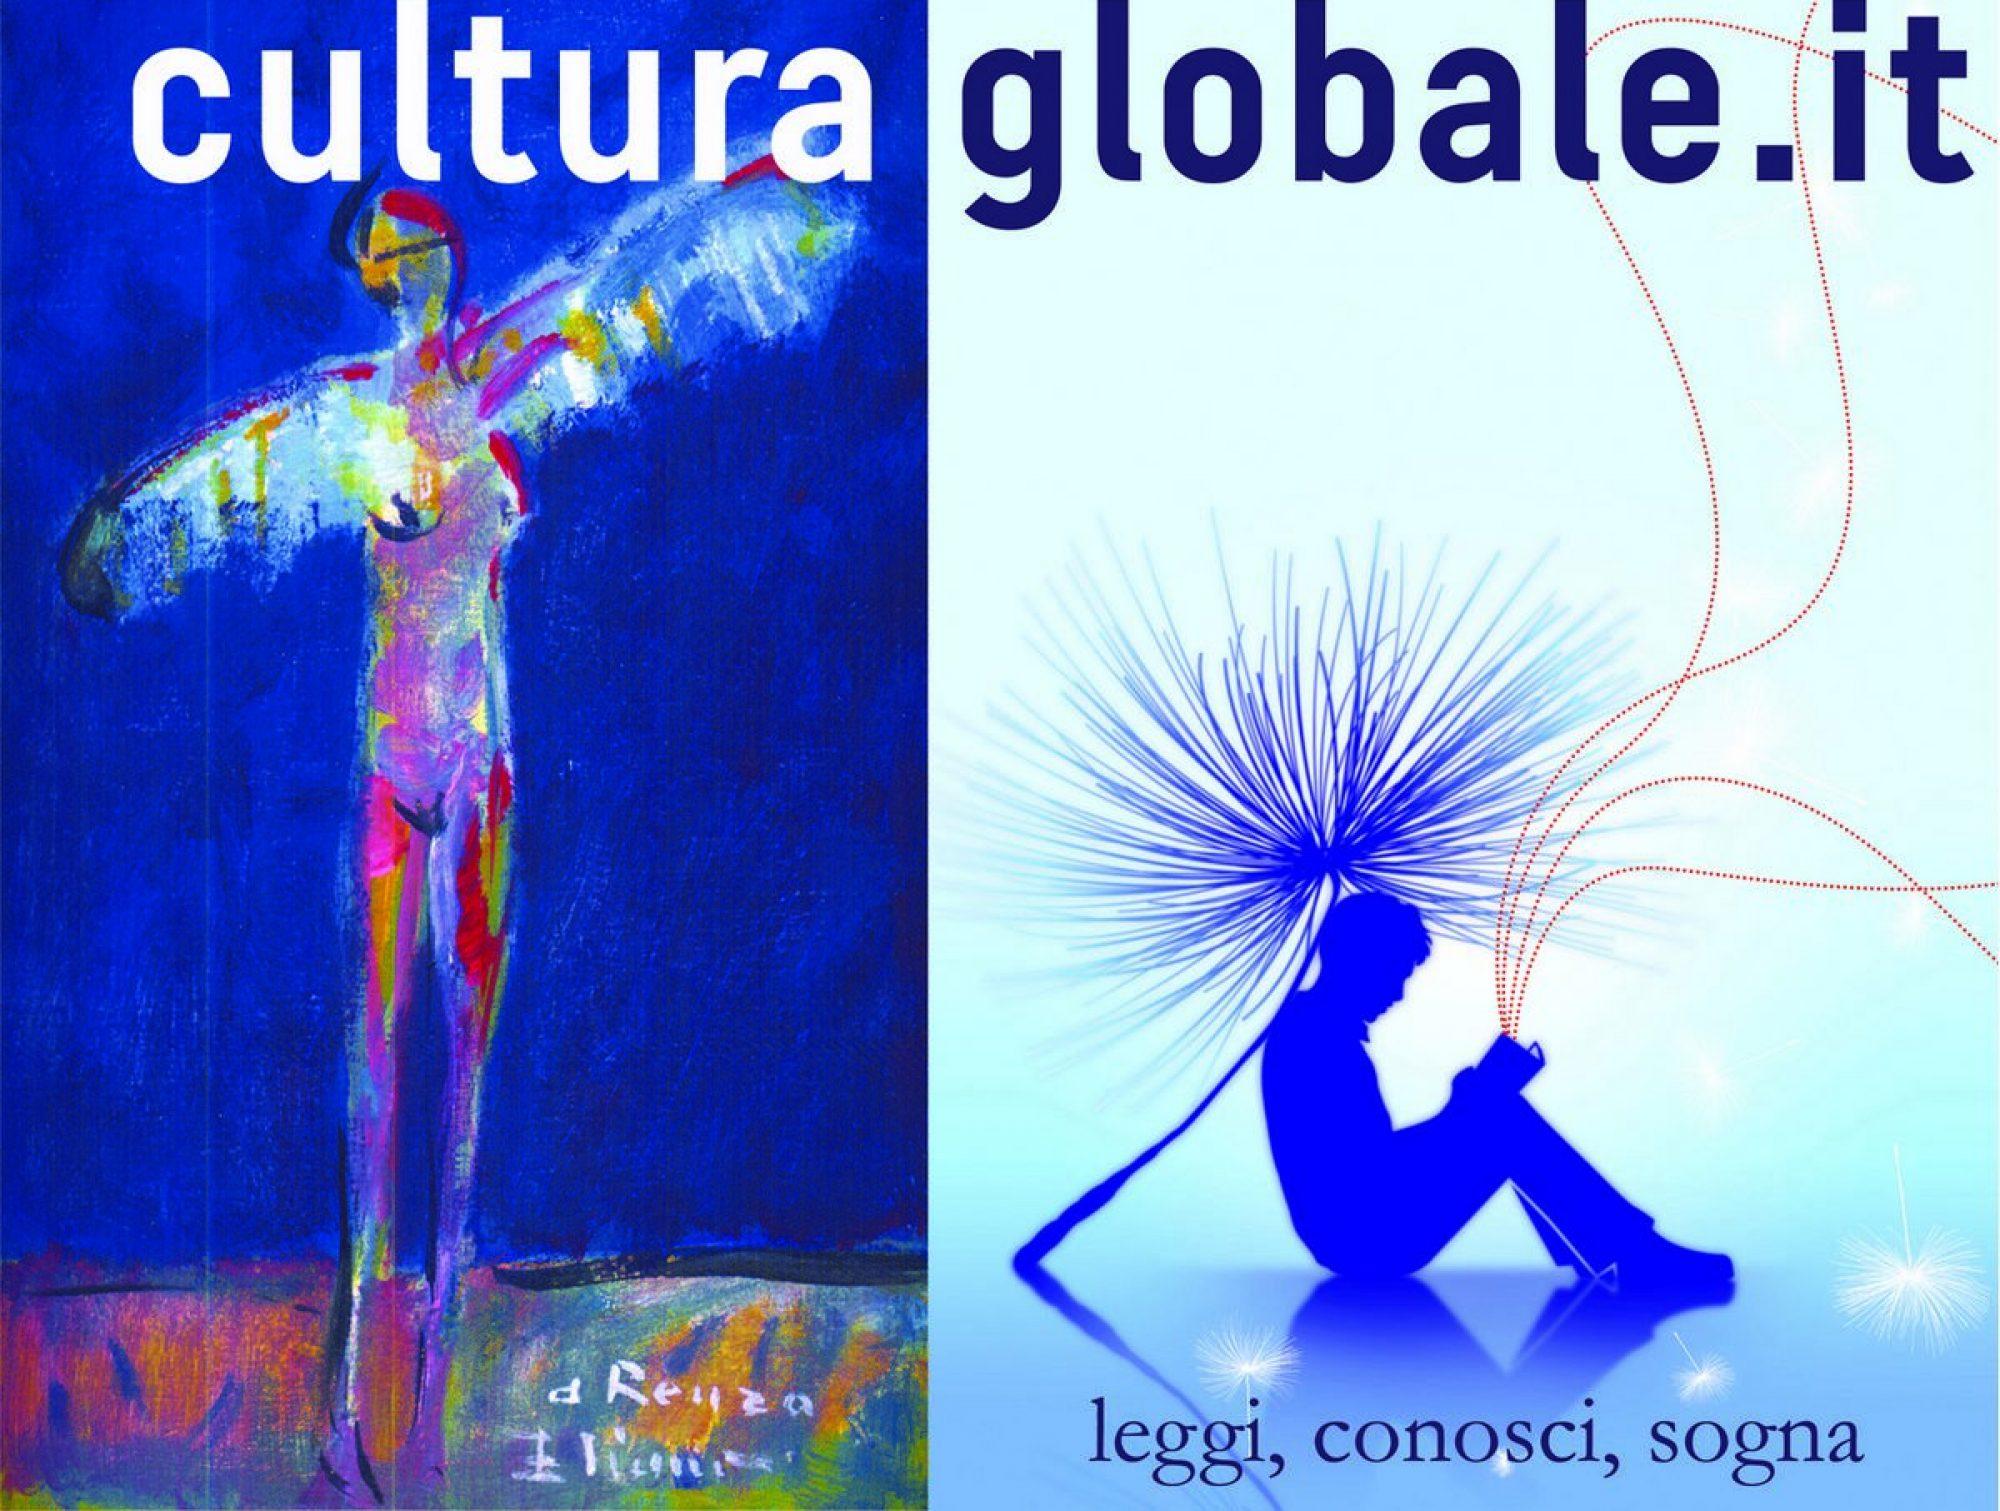 Culturaglobale